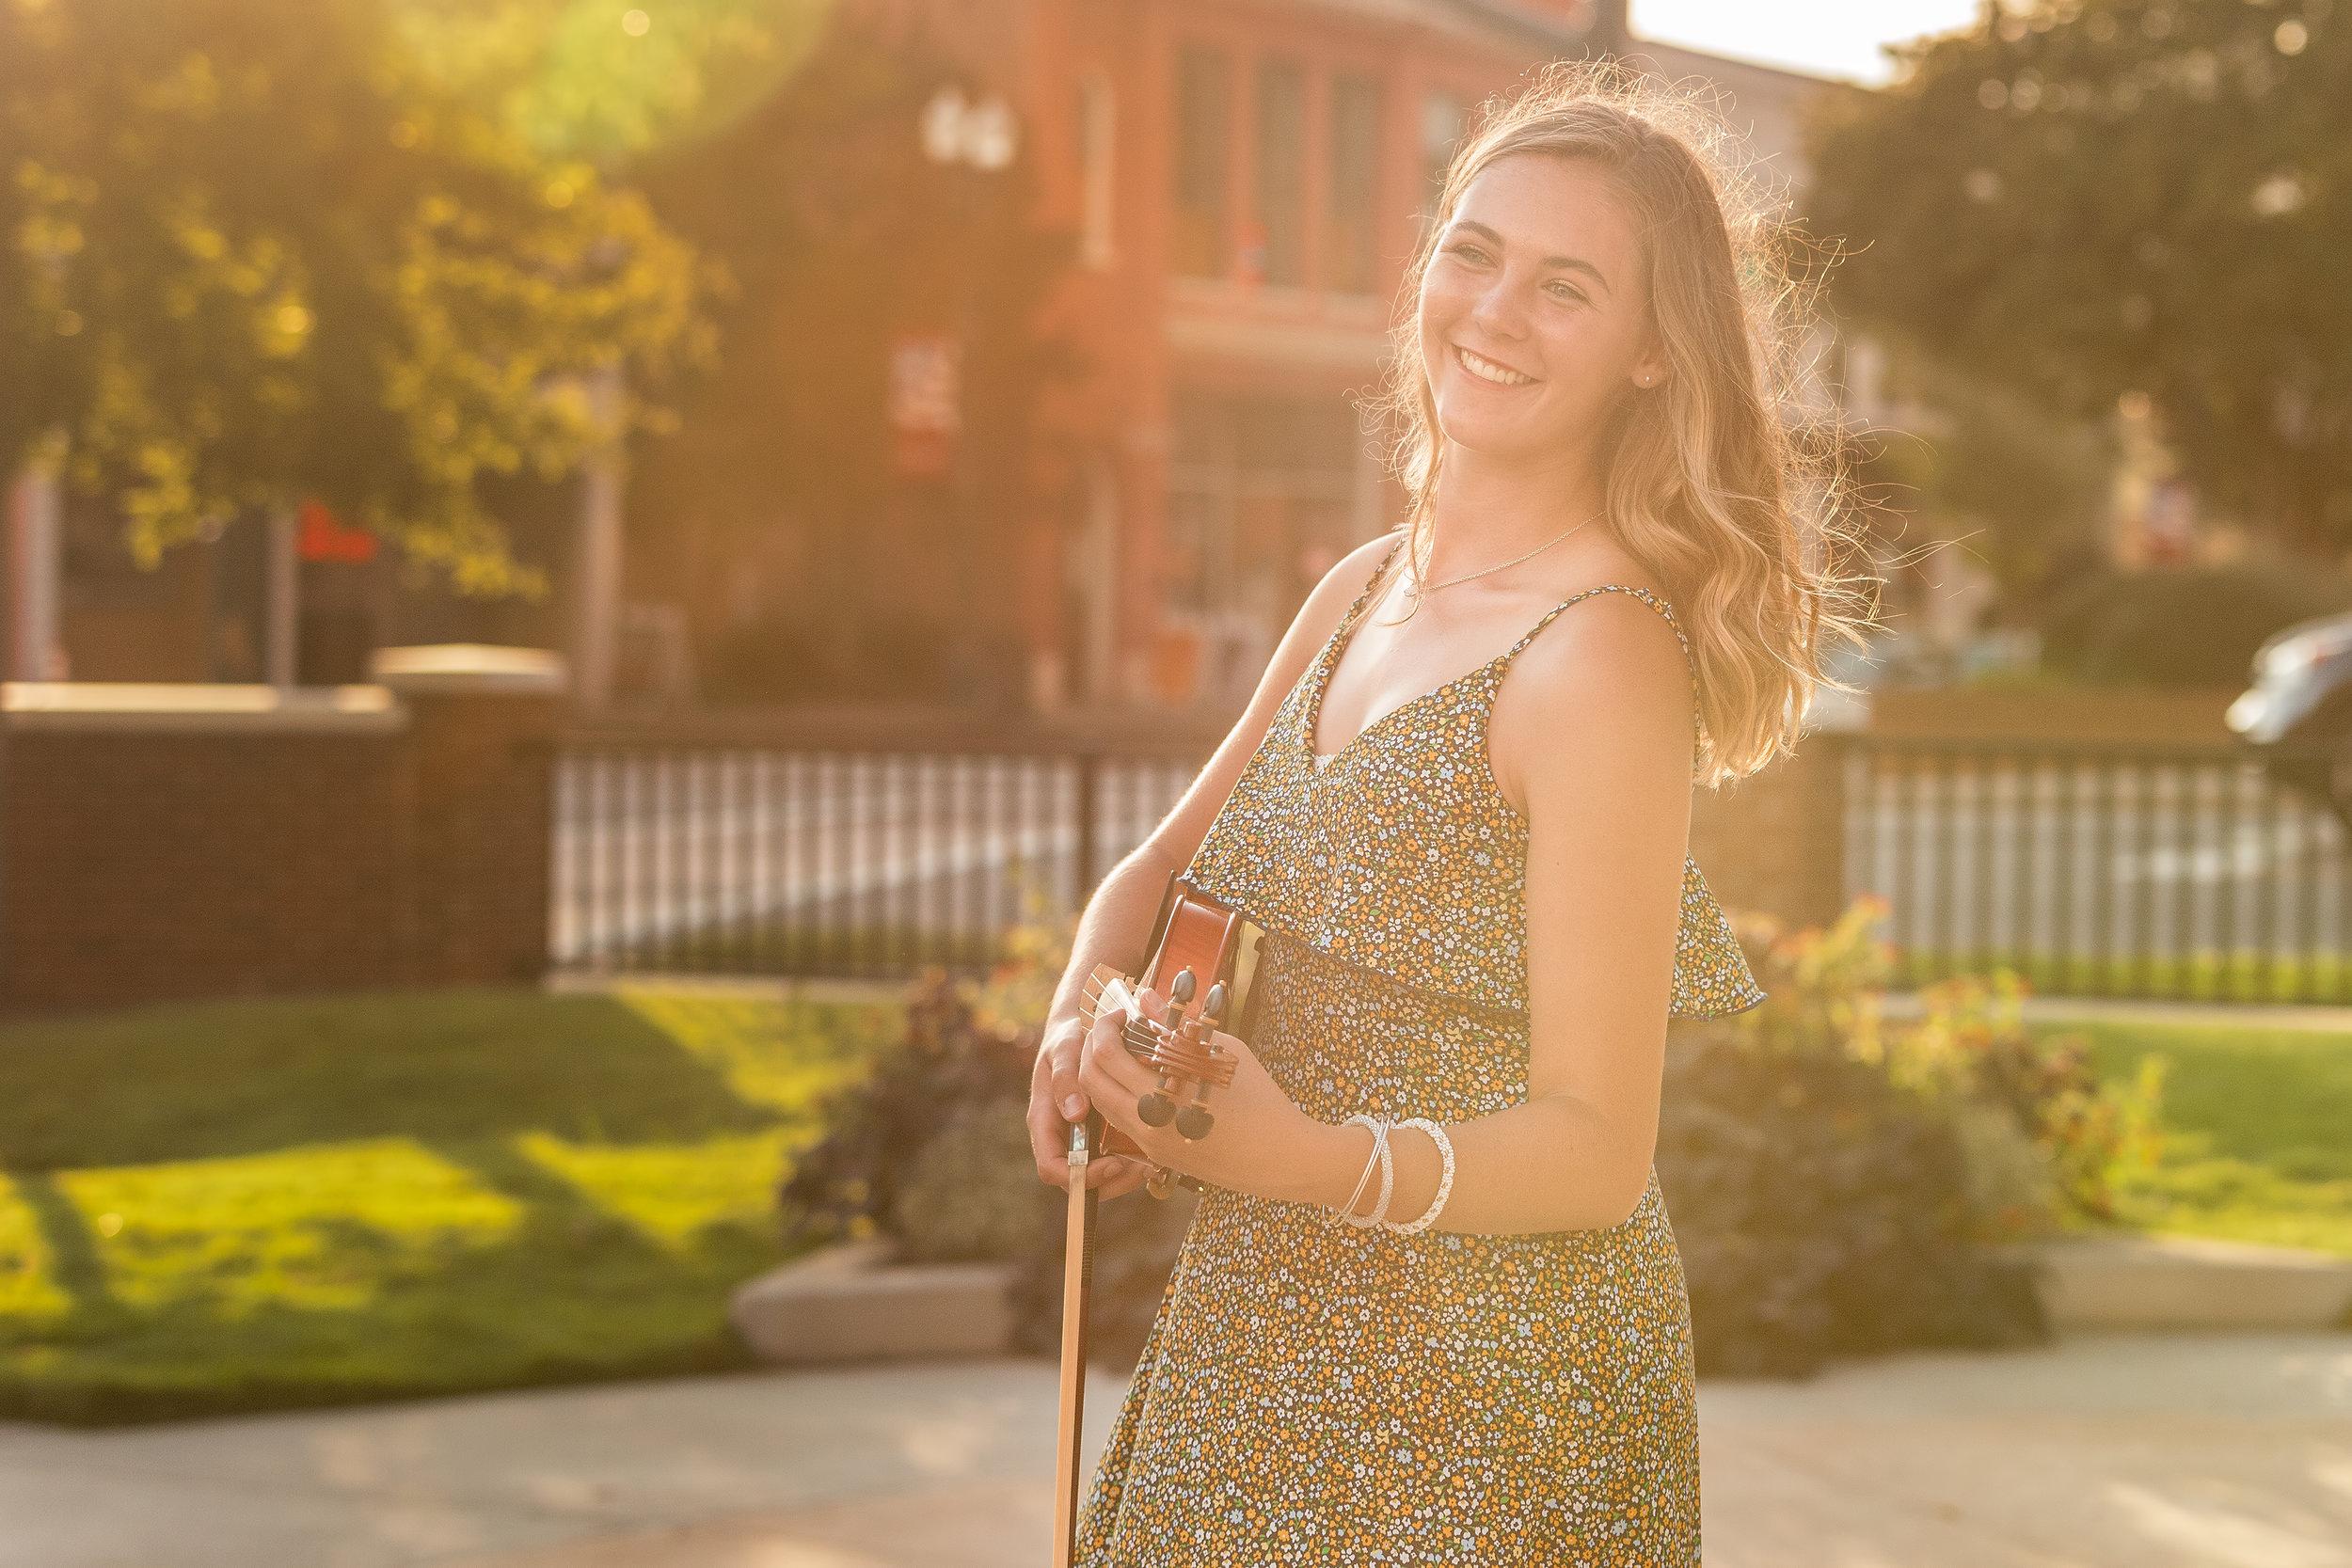 holding-violin-in-the-sun.jpg